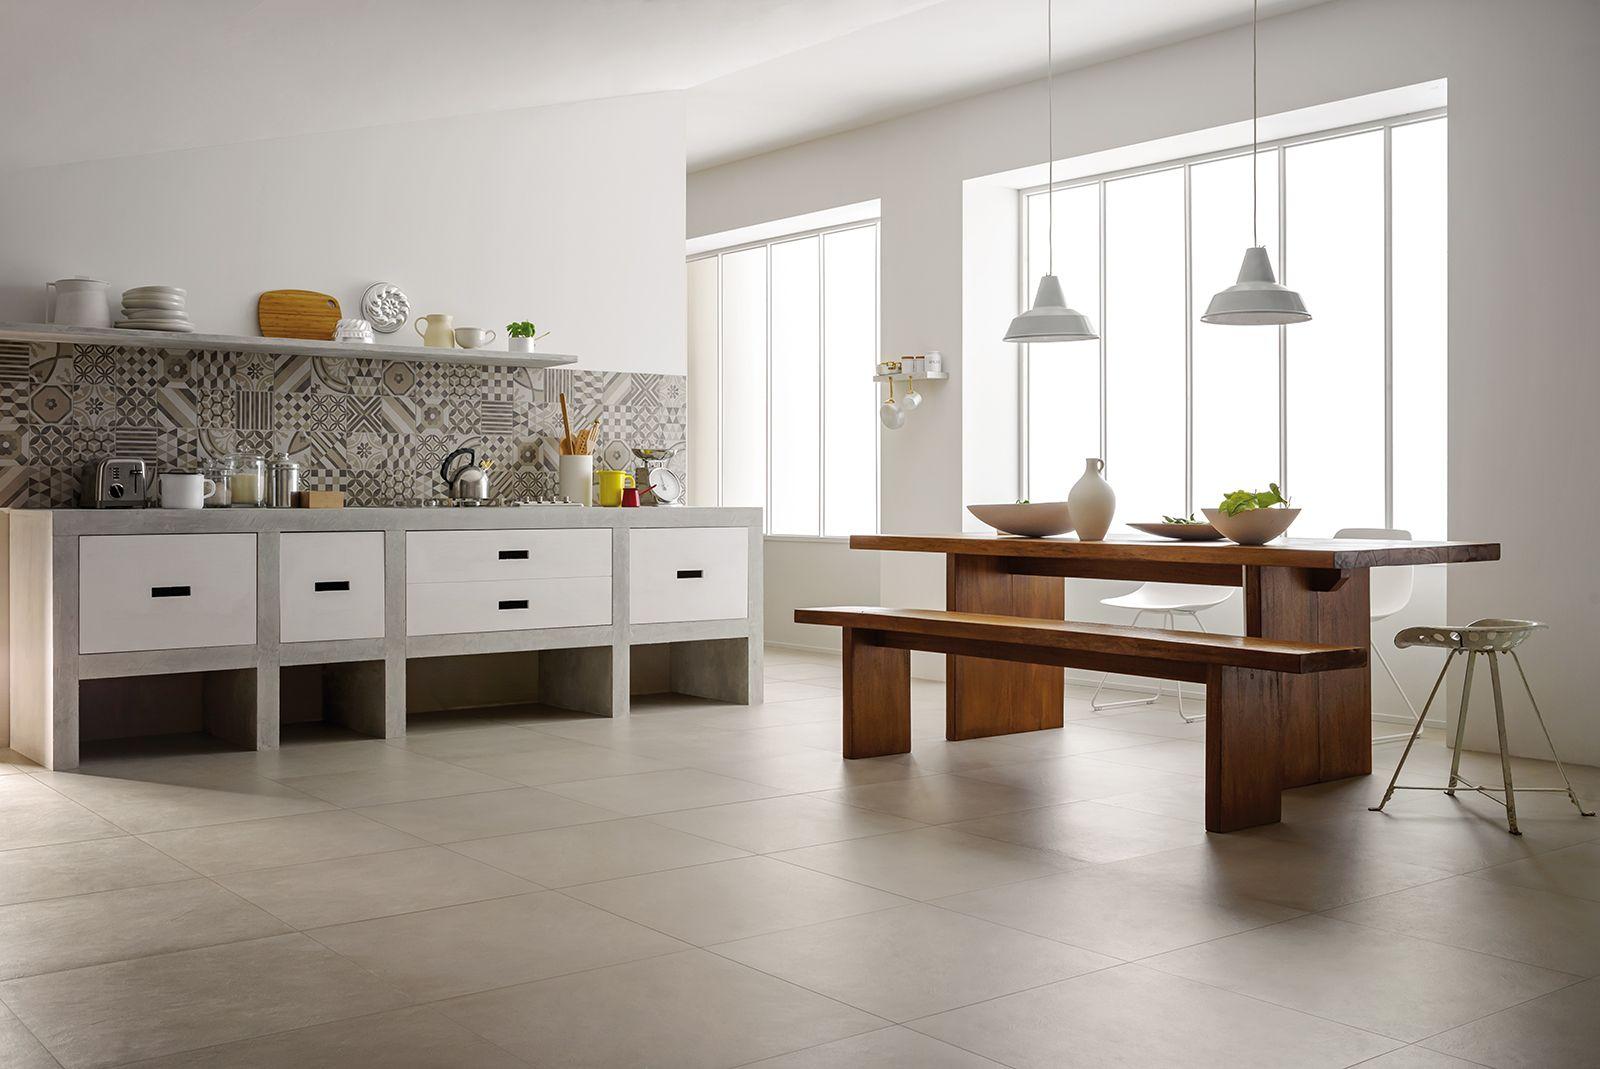 Block - Pavimentos en gres porcelánico | Marazzi | Cocina ...